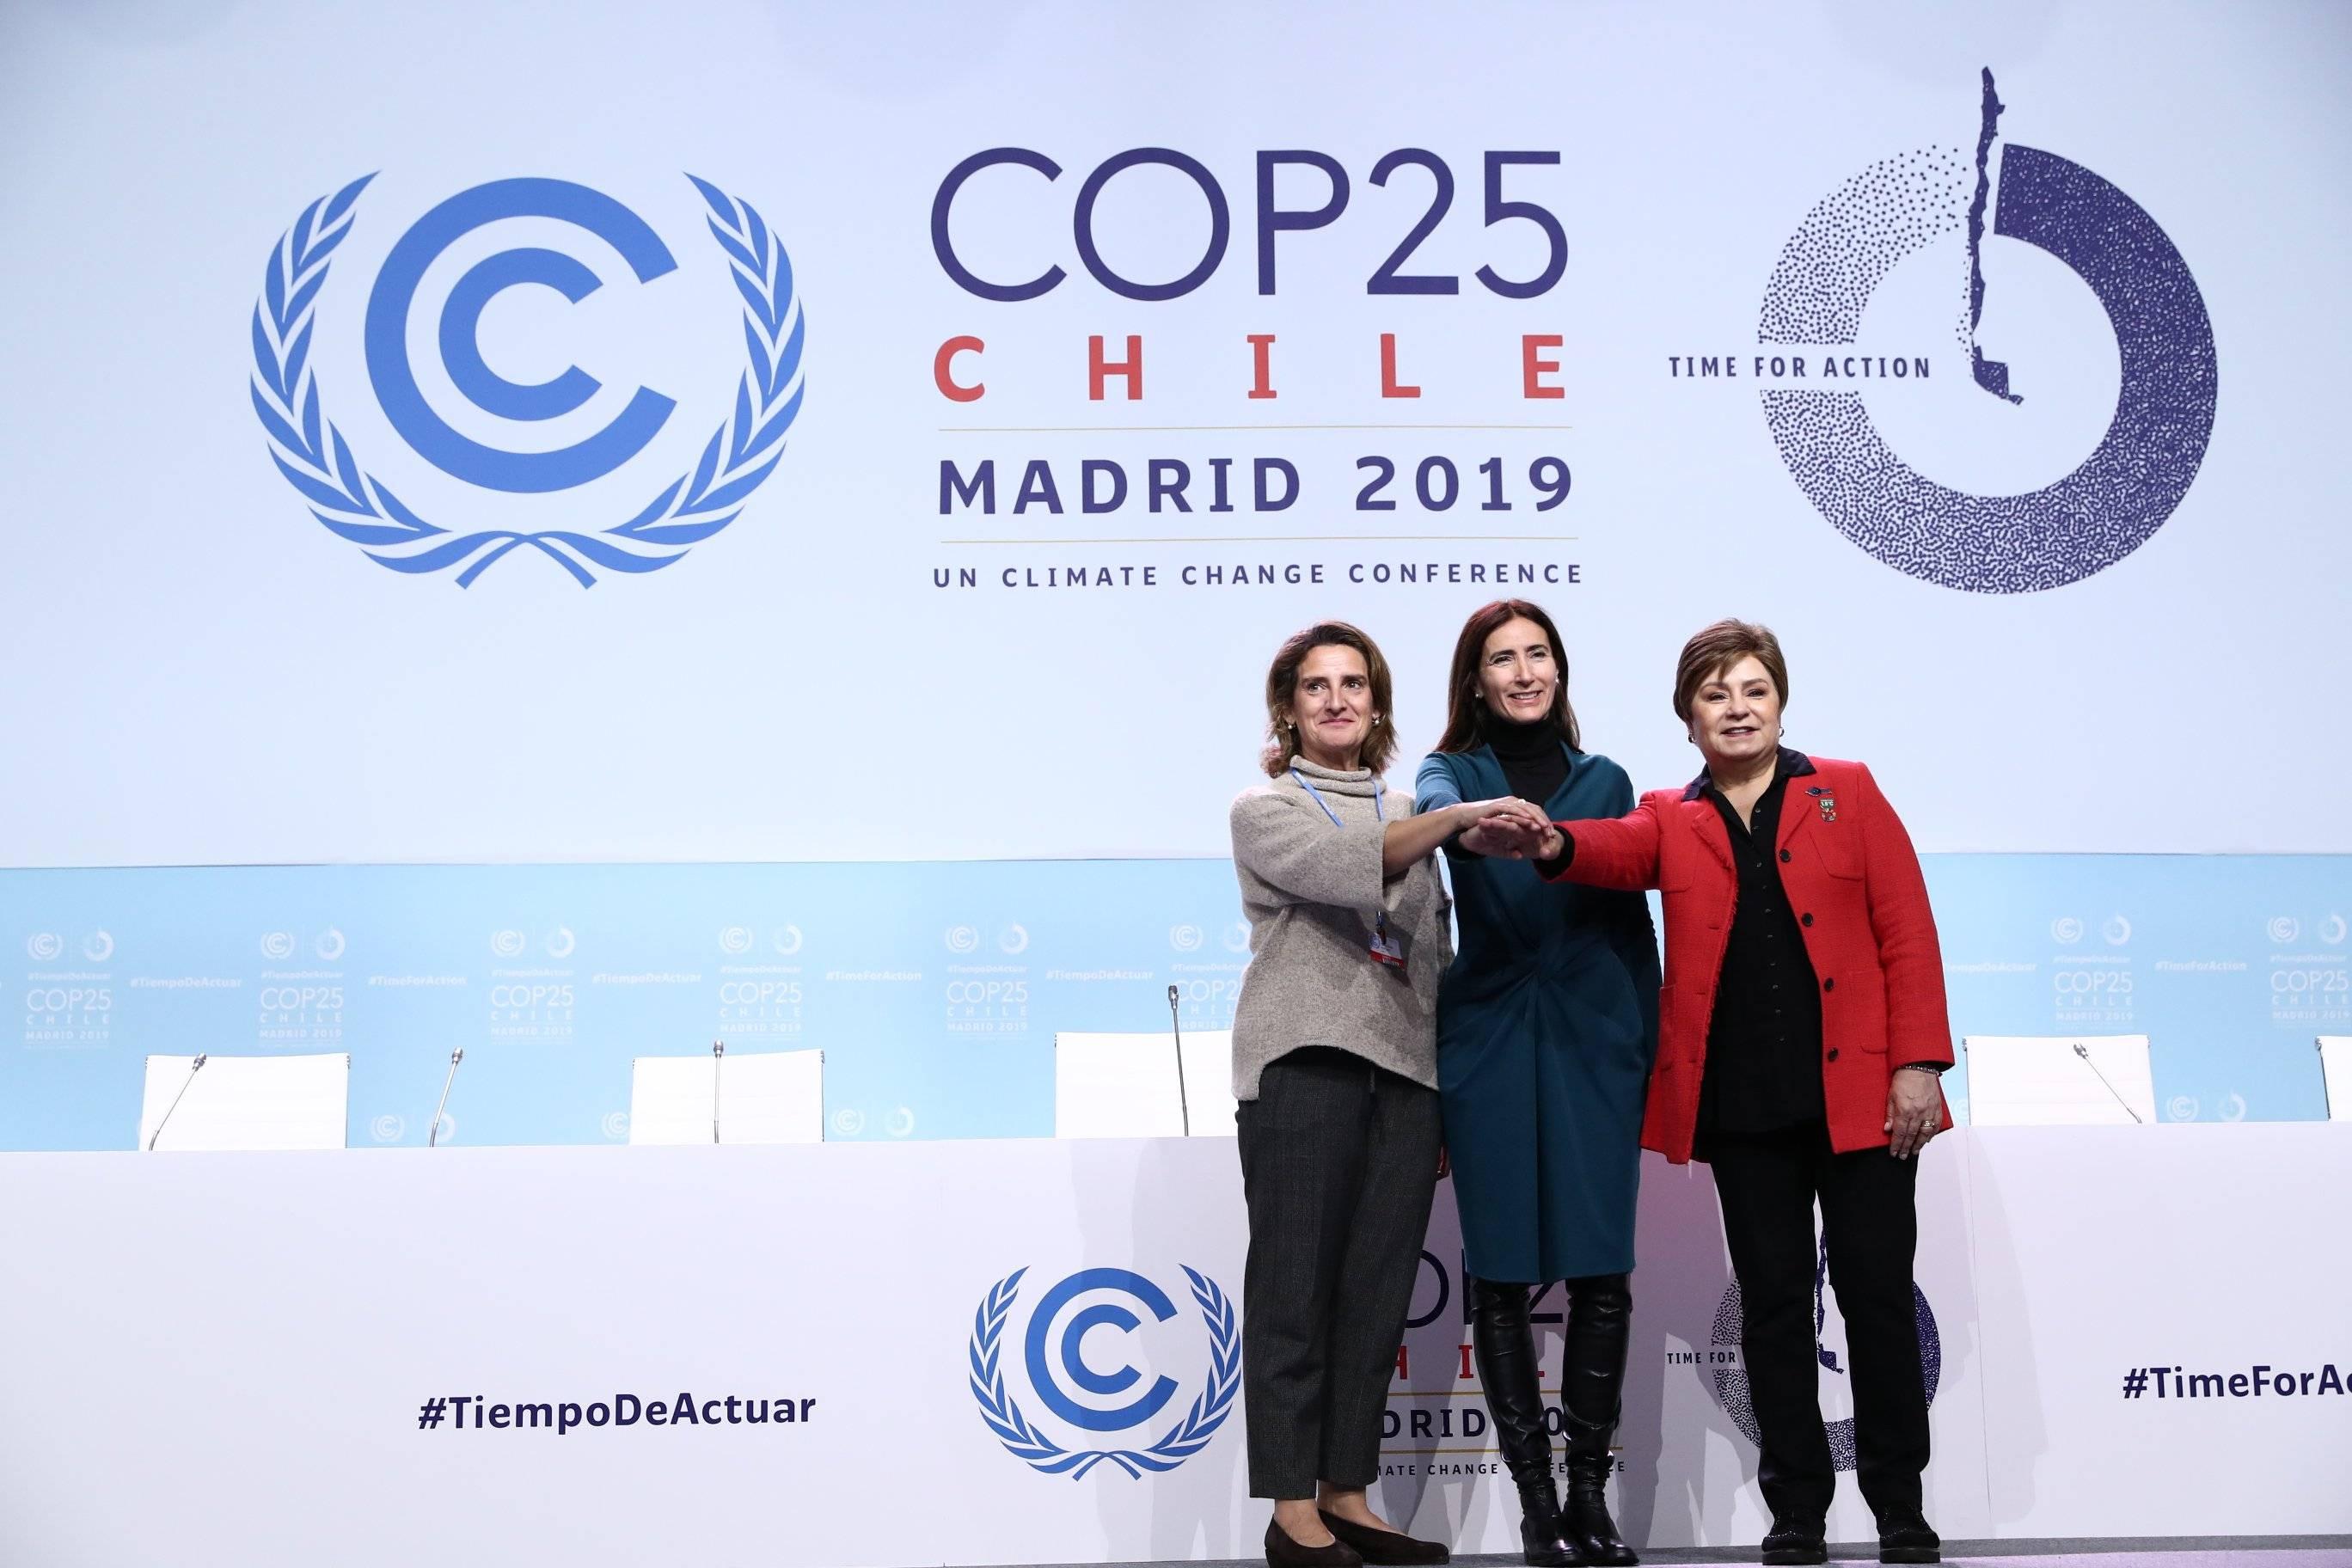 Tiempos recios: el impacto del cambio climático